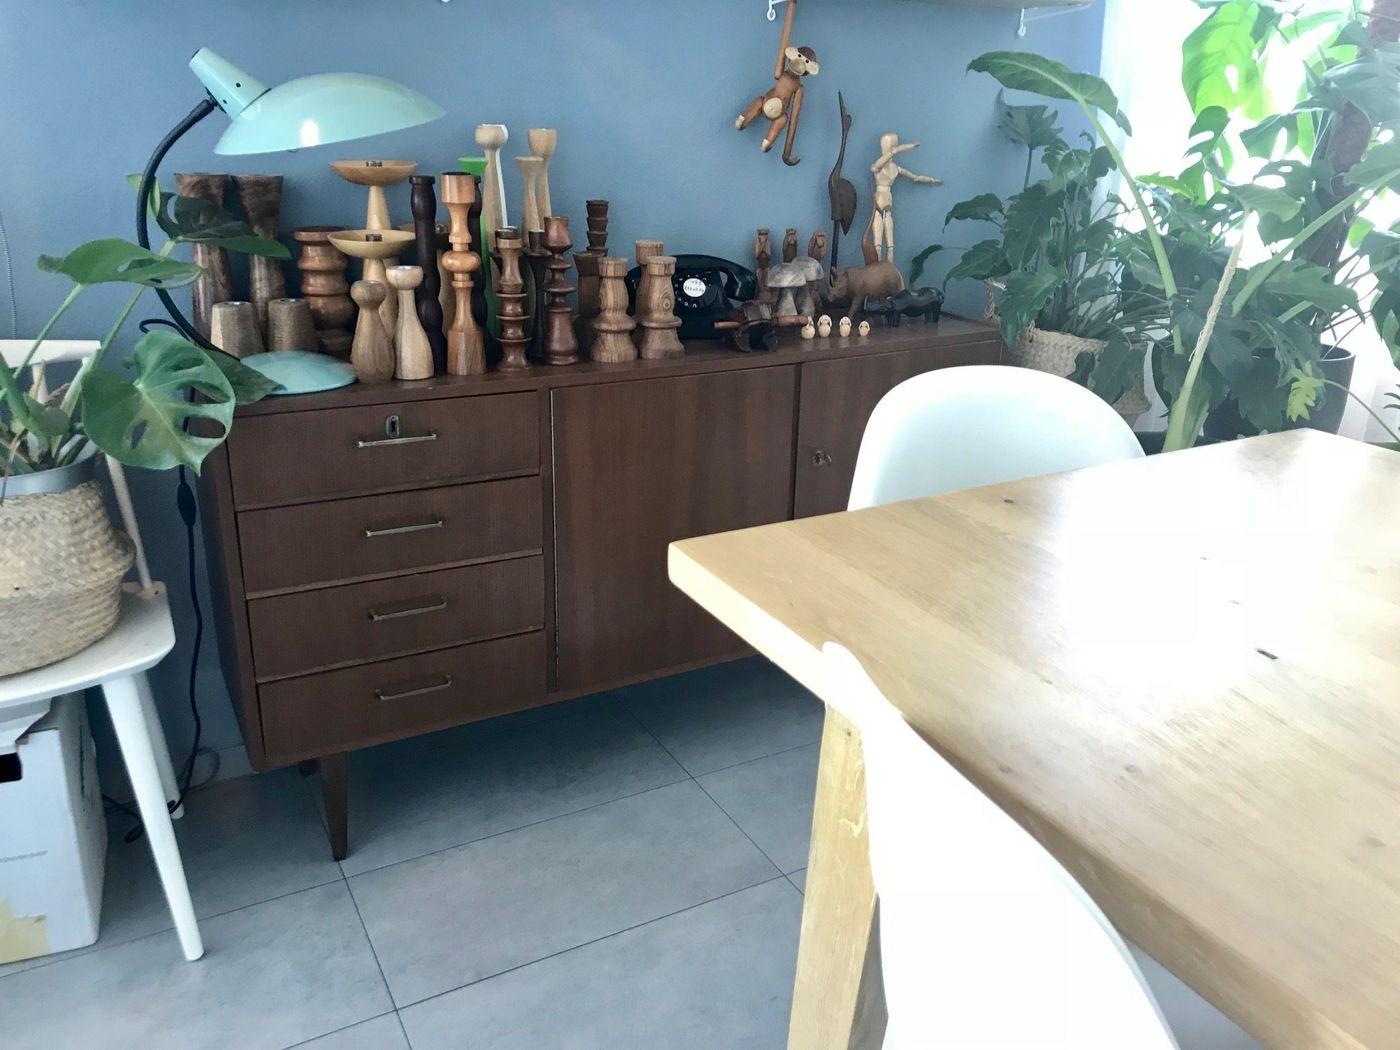 Meine Holzsammlung (Kerzenständern Fetisch 😂)